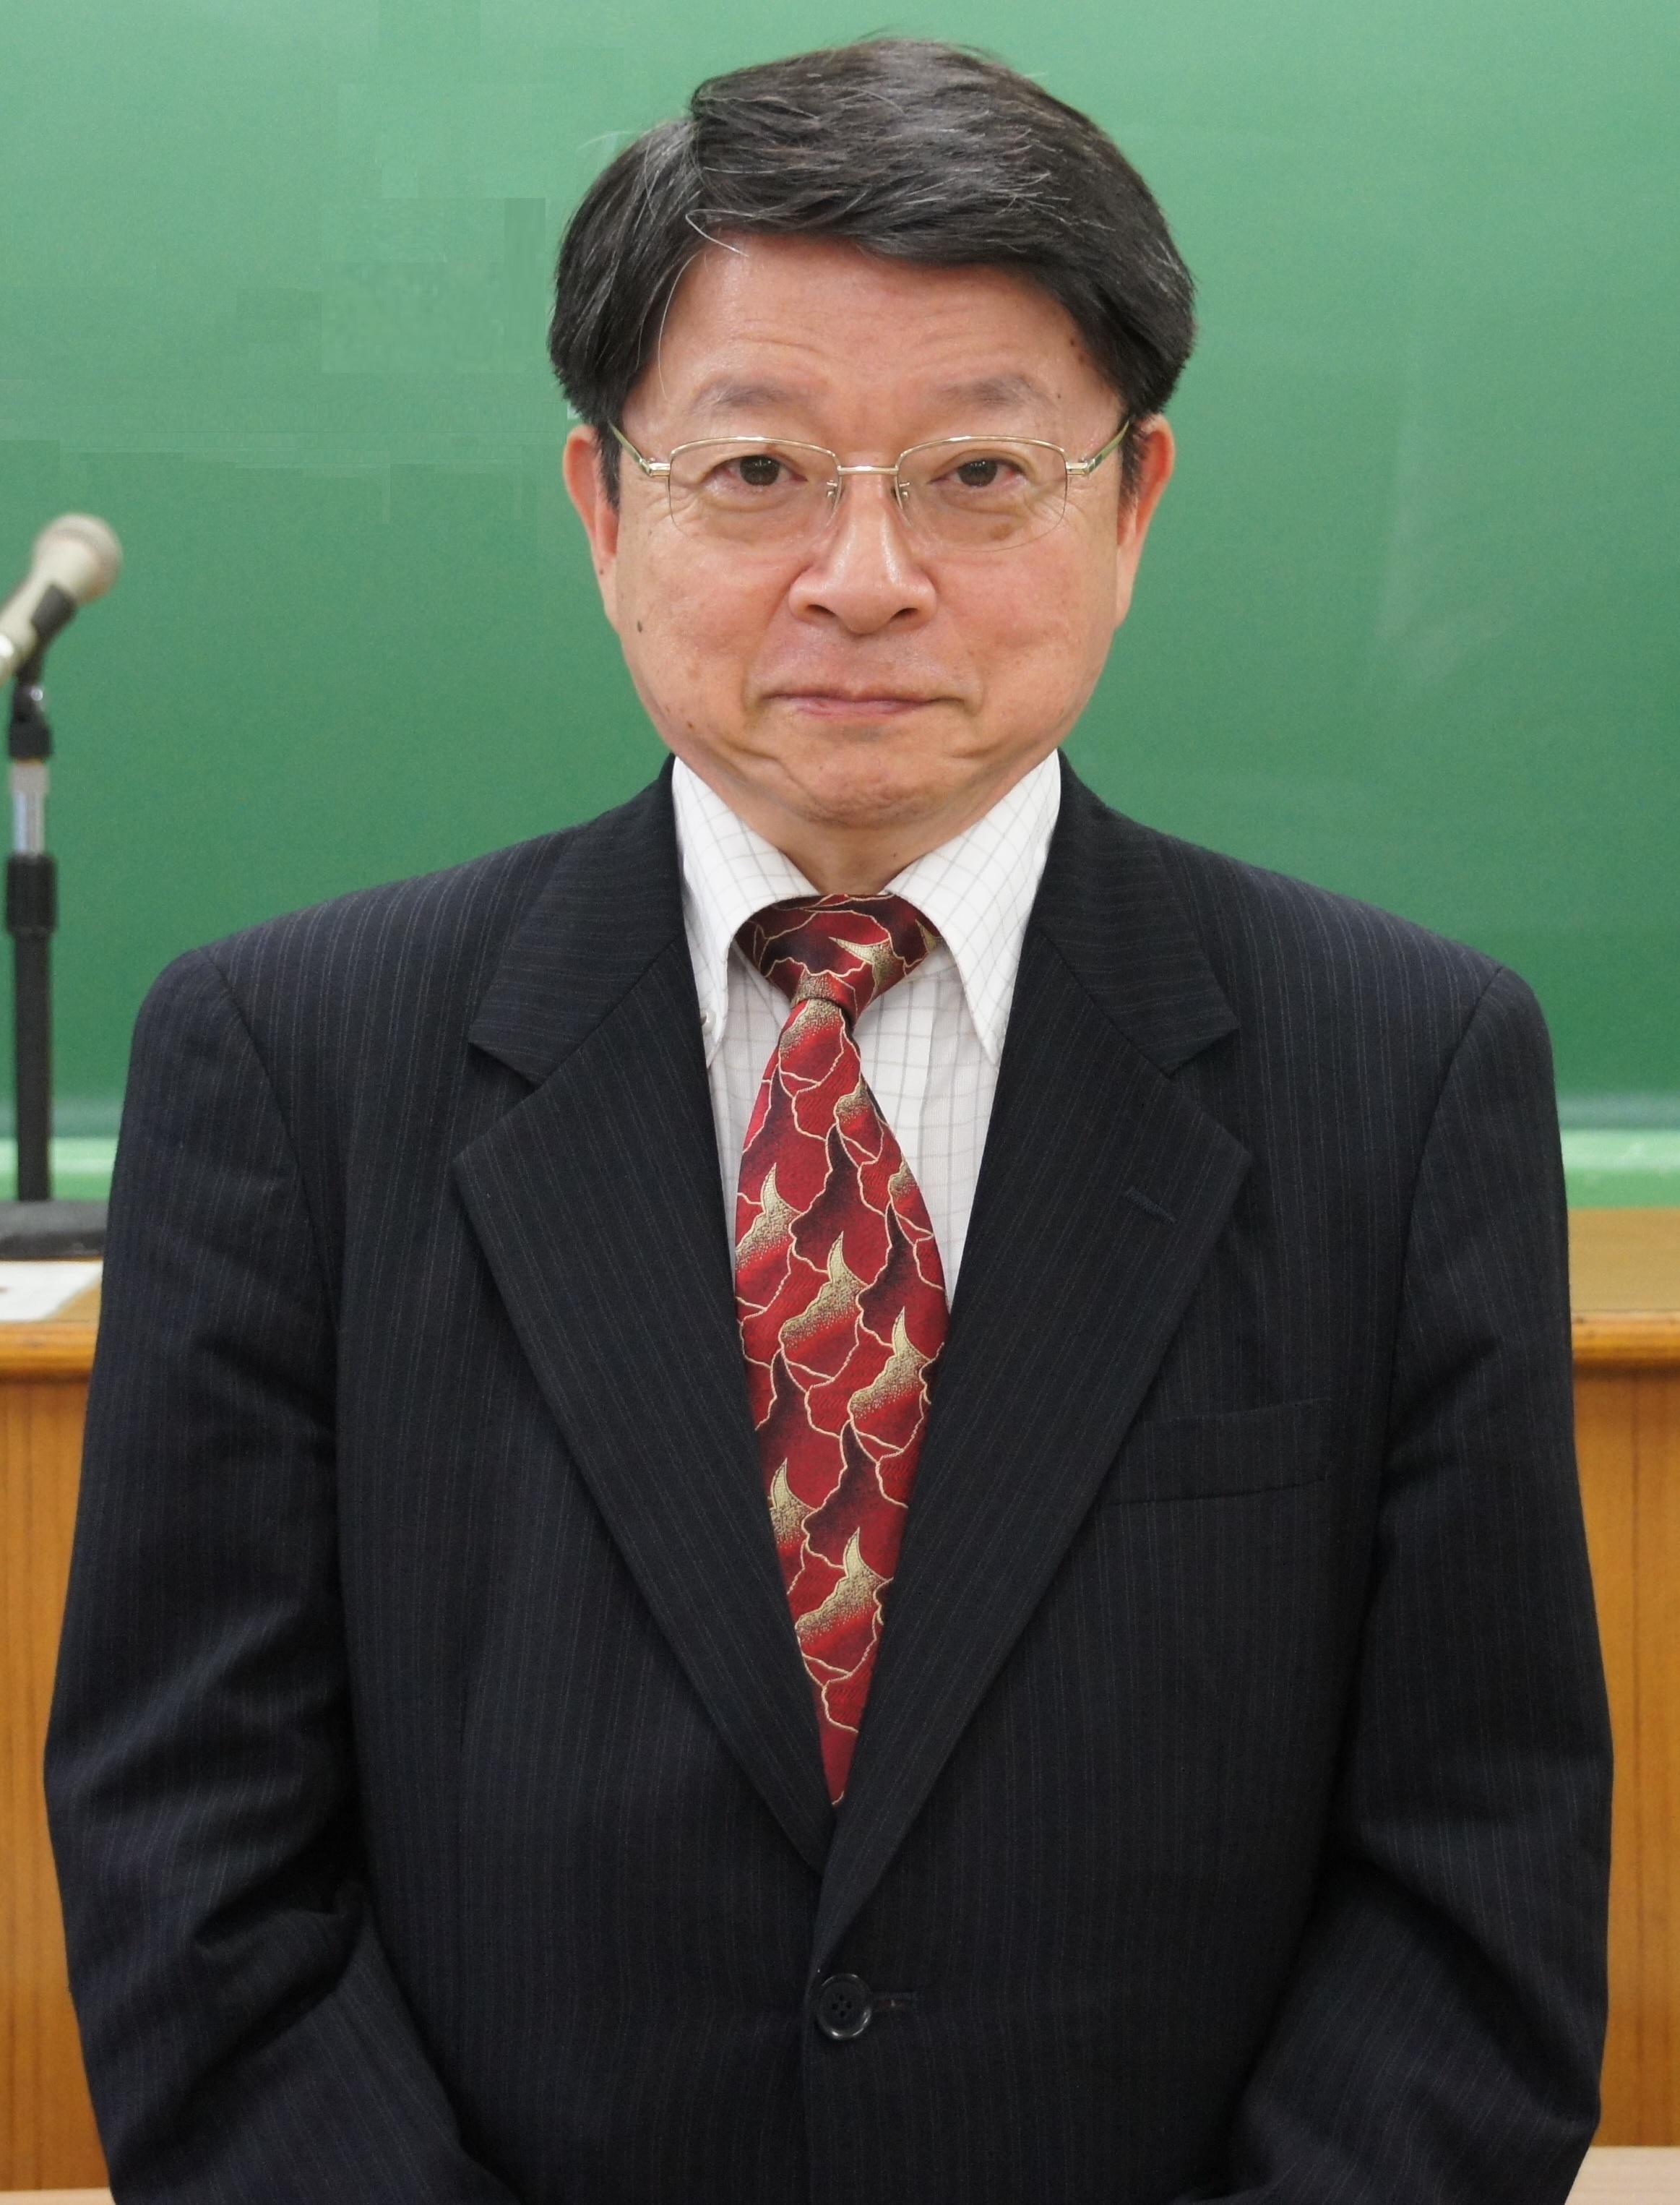 指導教授紹介 - 片山善博研究会